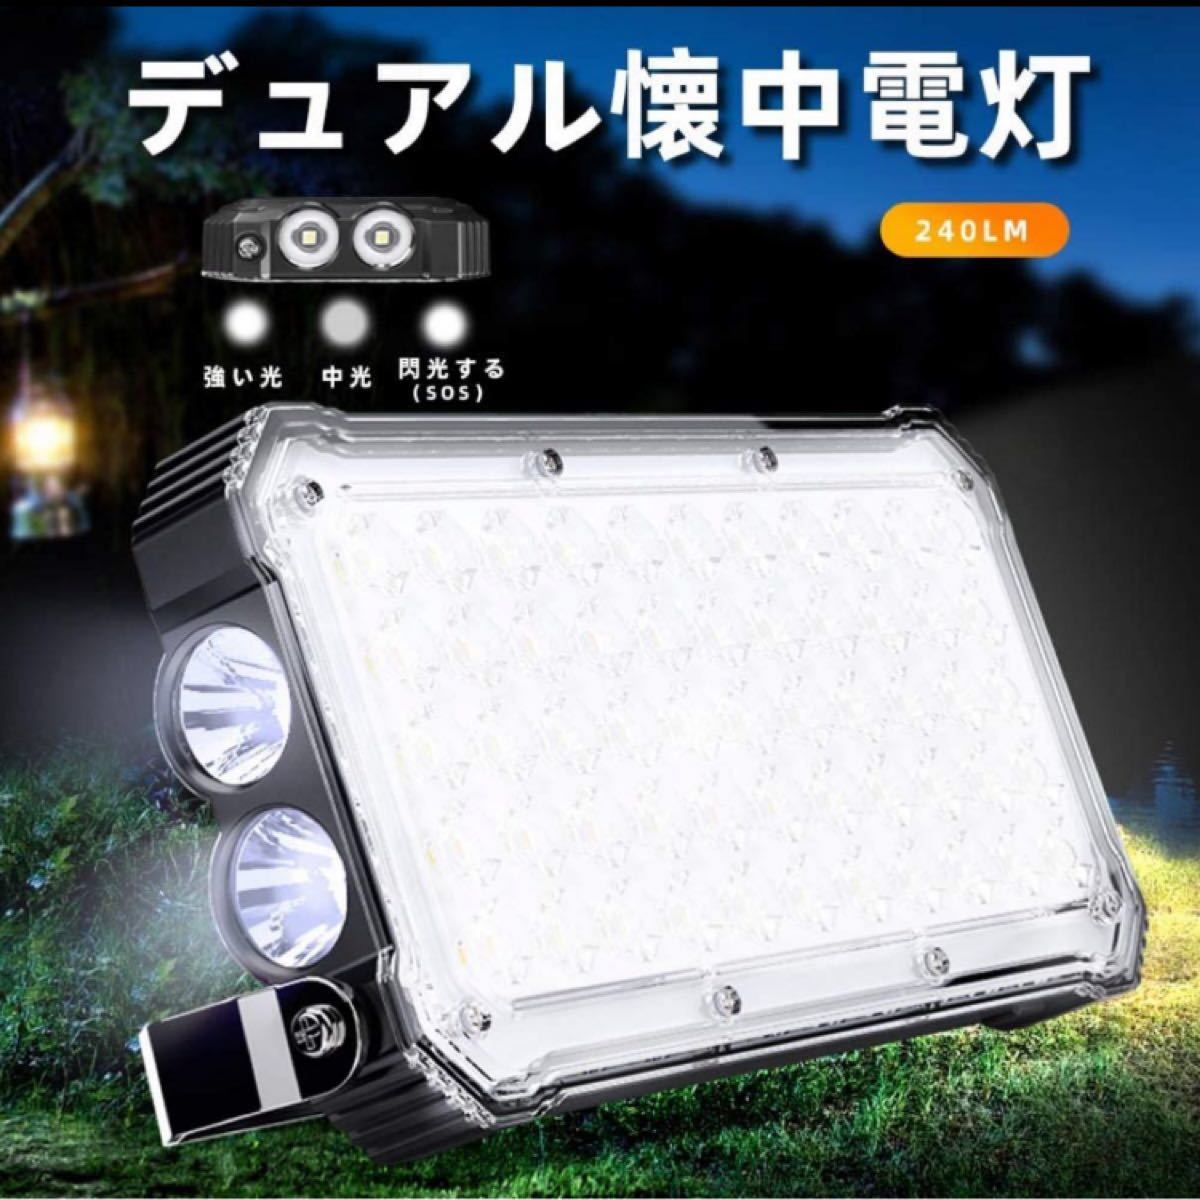 LEDランタン USB充電式 20000mAh 明るい アウトドア キャンプランタン usb充電式 キャンプ用品テントライト